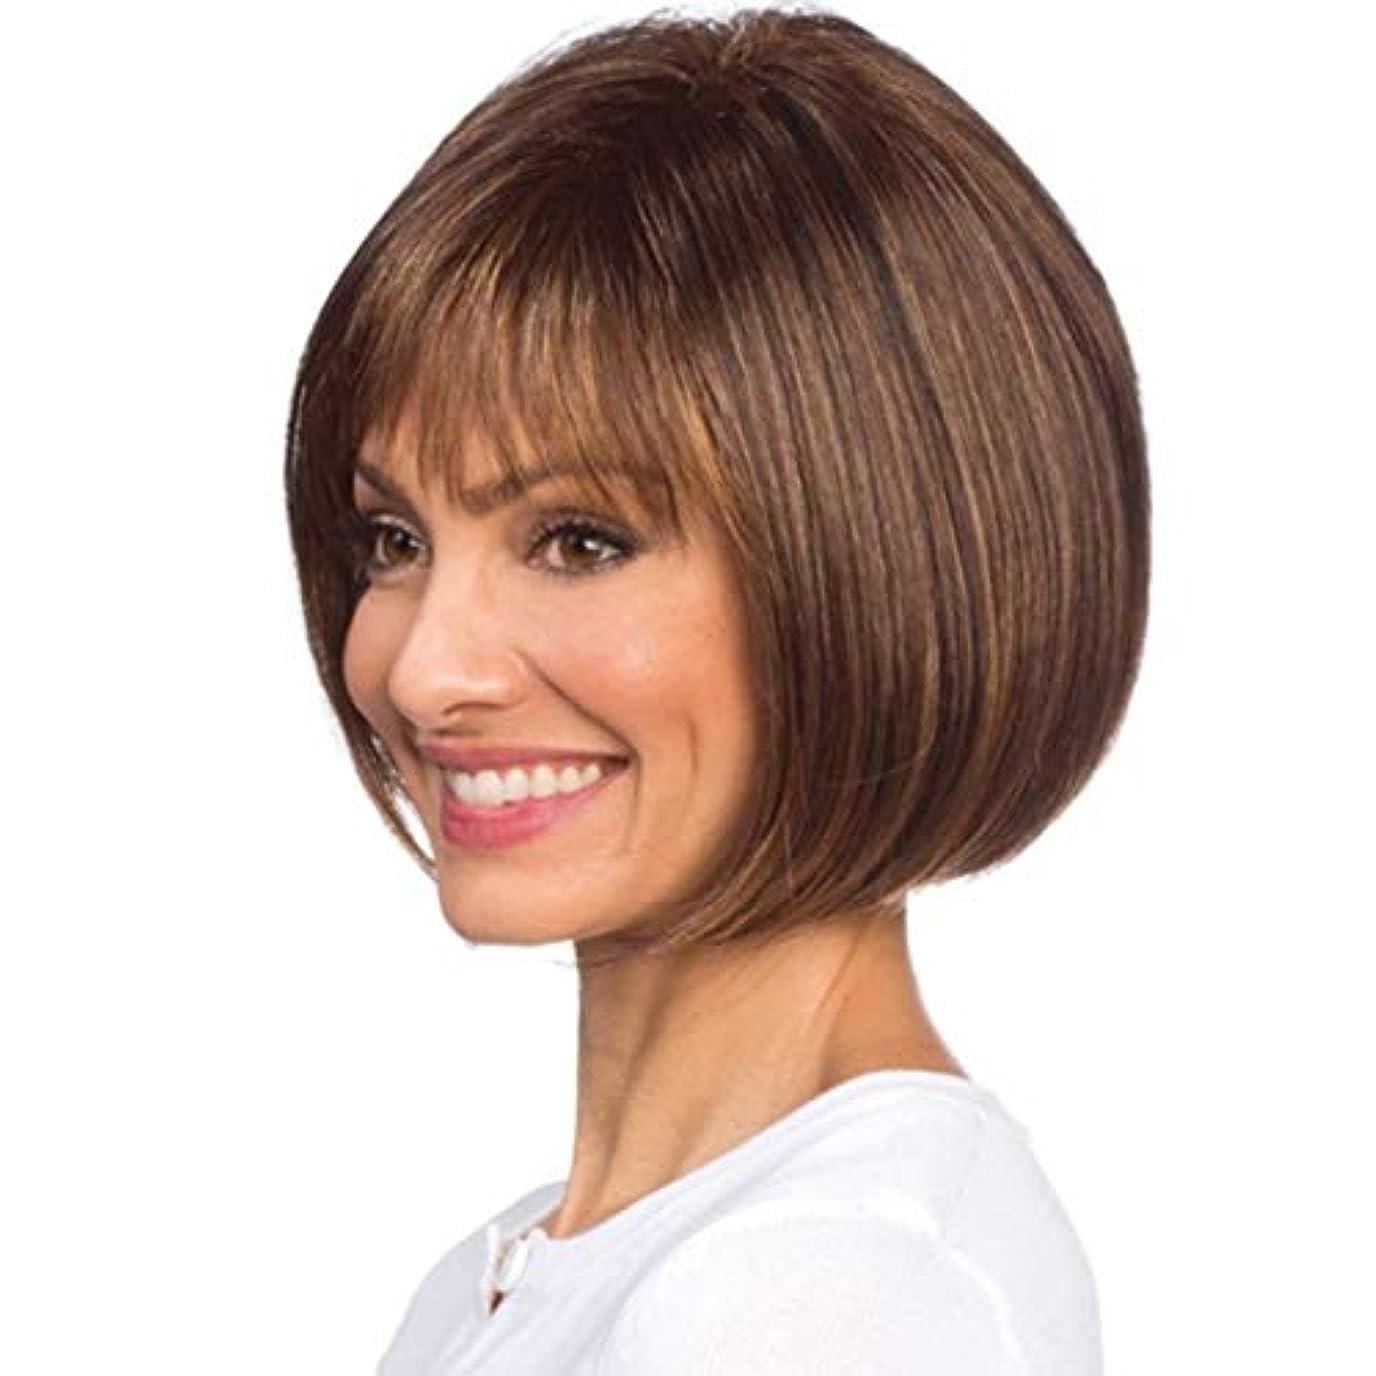 論争の的チャーター仲介者Summerys ソフト&スムーズ女性用前髪付き女性ガールズショートストレート合成かつら